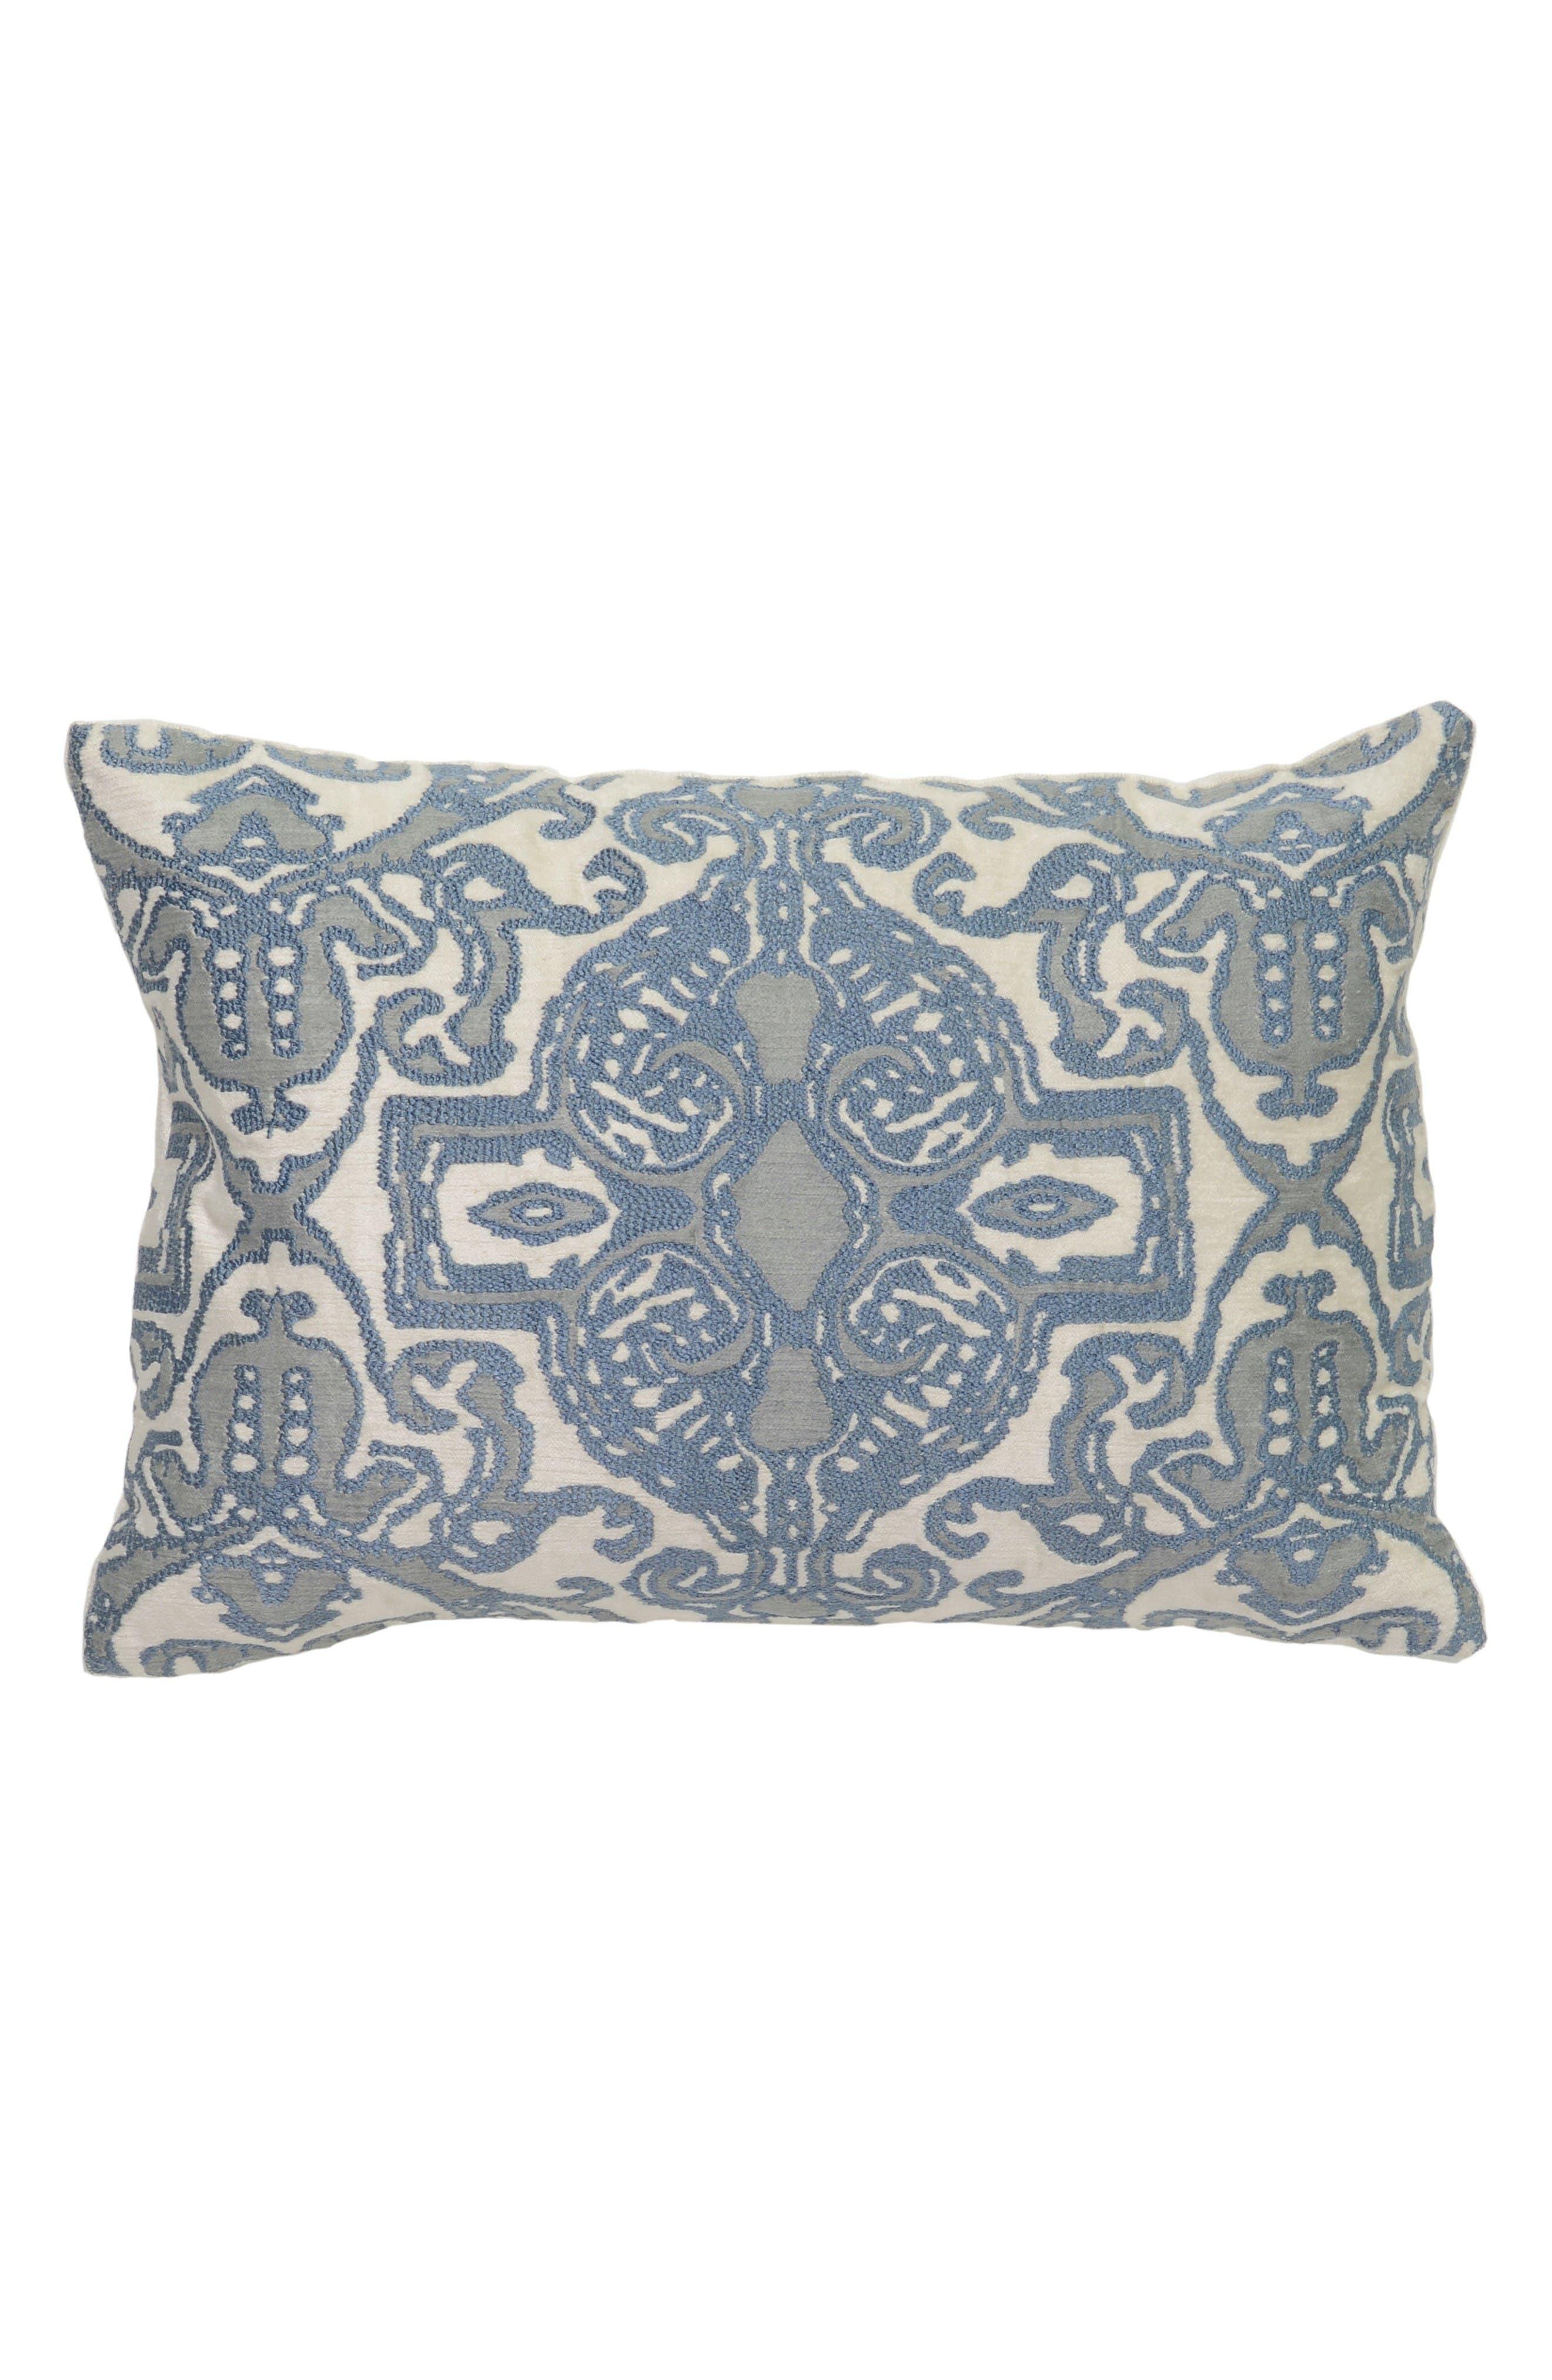 Lois Harbour Pillow,                             Main thumbnail 1, color,                             Blue/ Brown